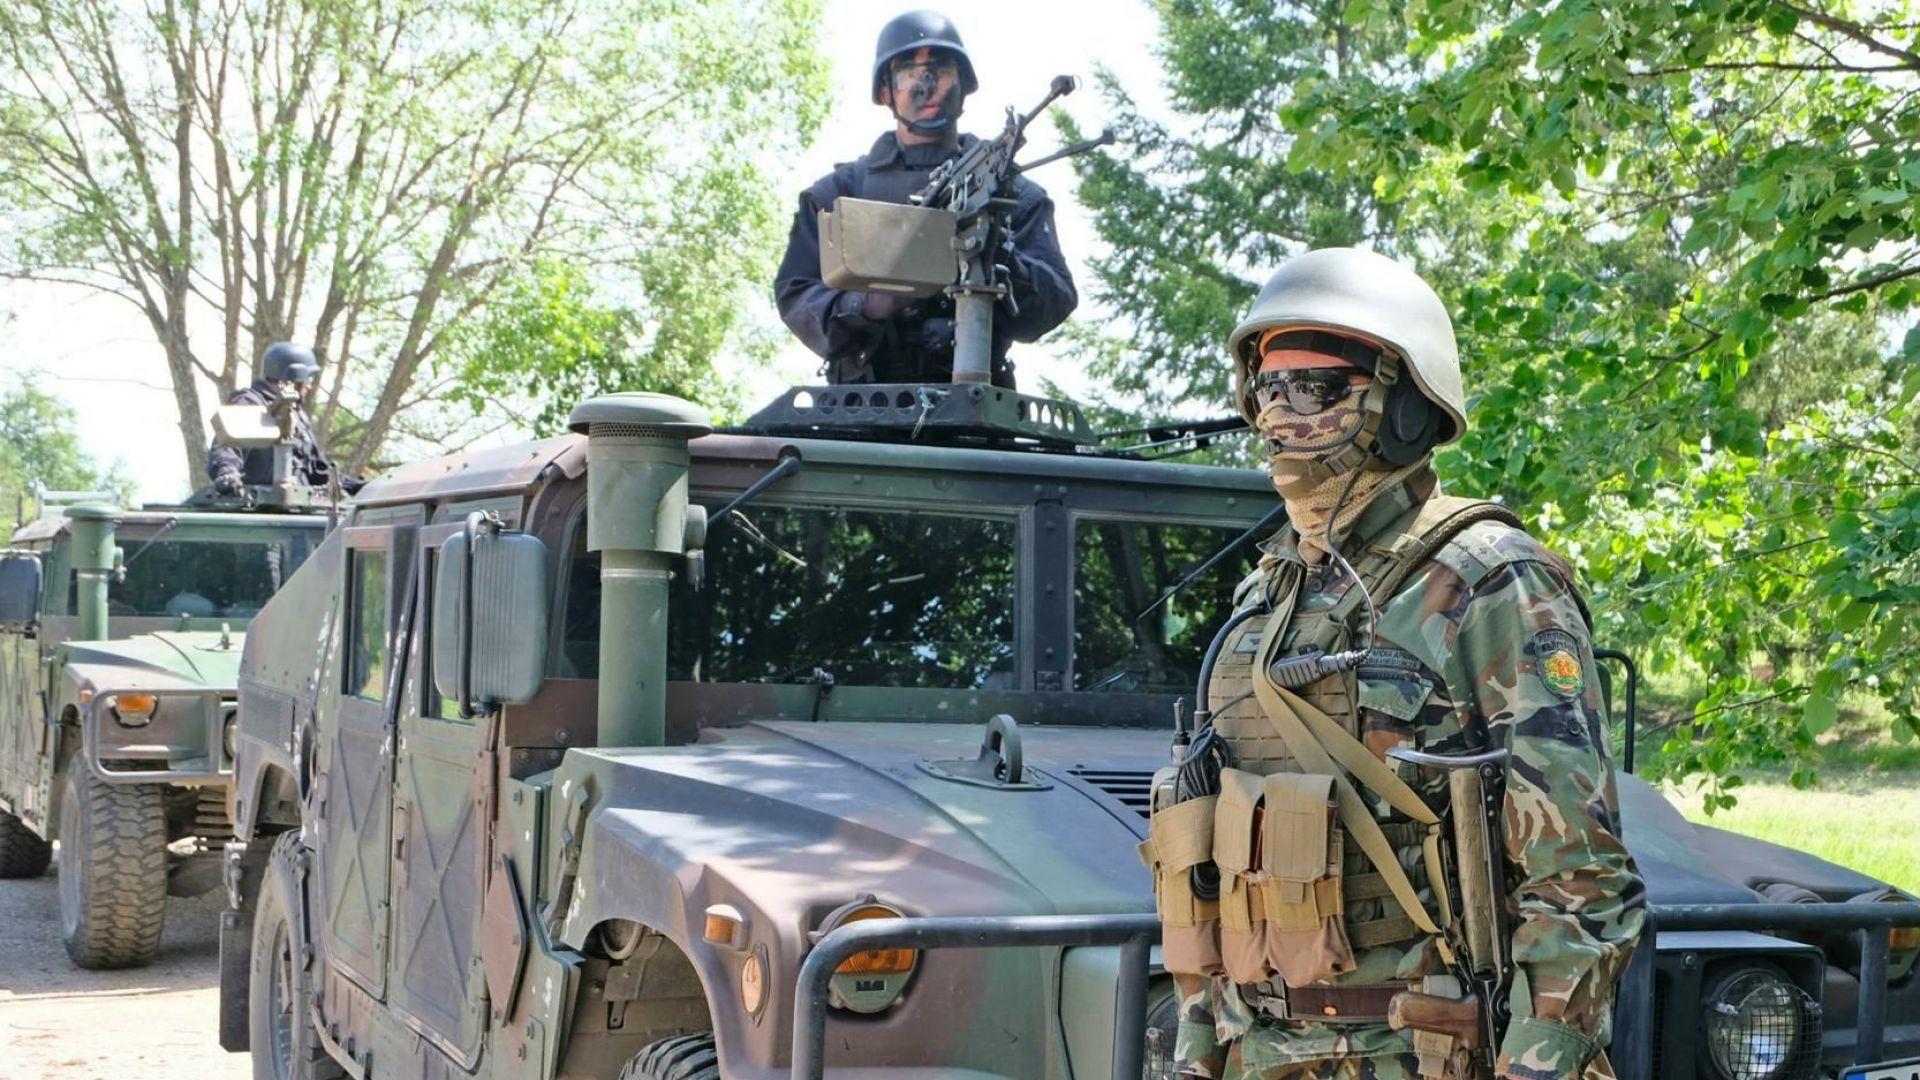 Бойко Ноев: Армията ни няма бъдеще такава, каквато е